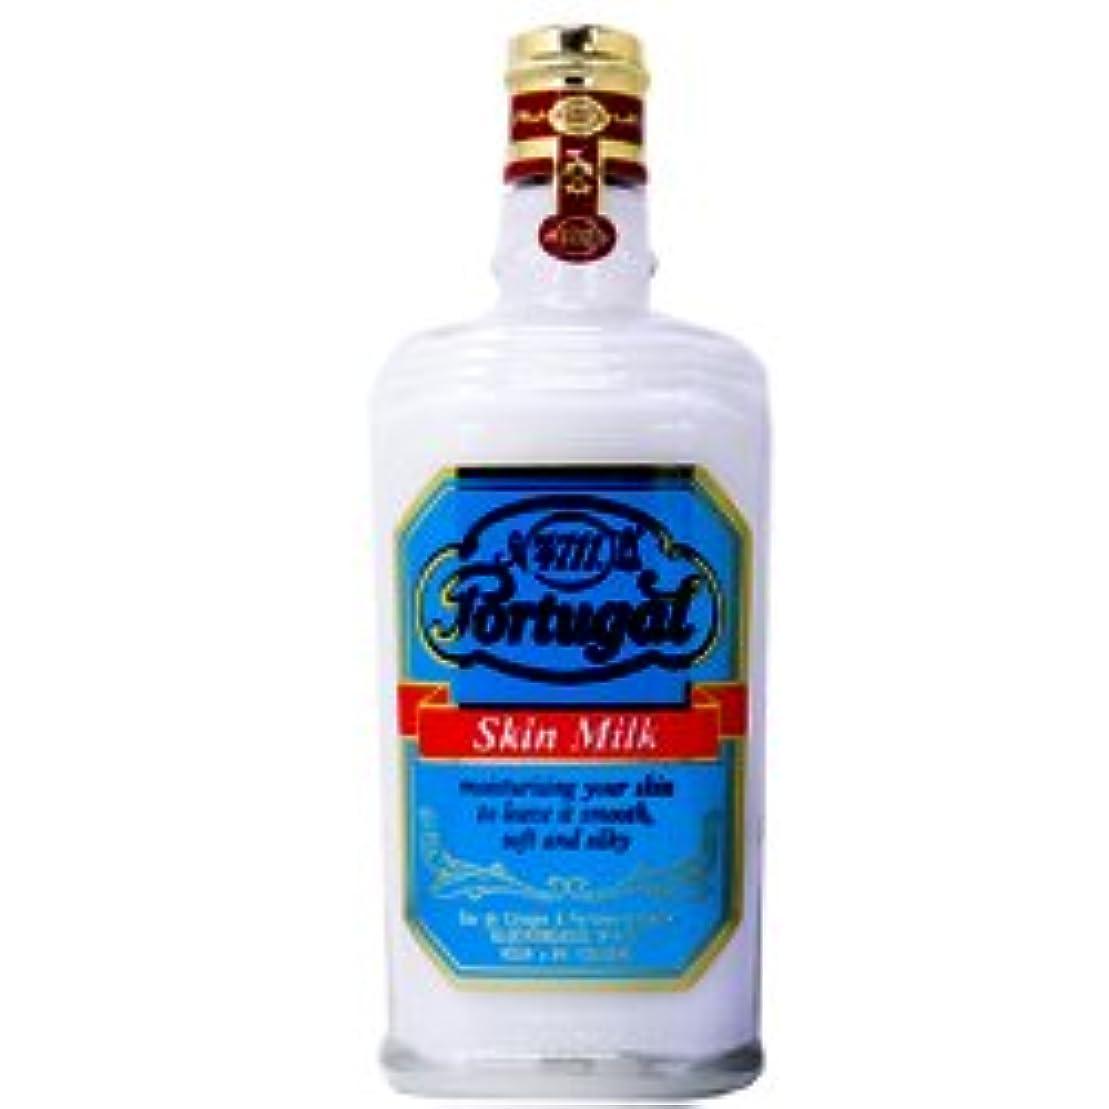 キャッチ凍った仕出します柳屋 4711 ポーチュガル スキンミルク (乳液) 150mL